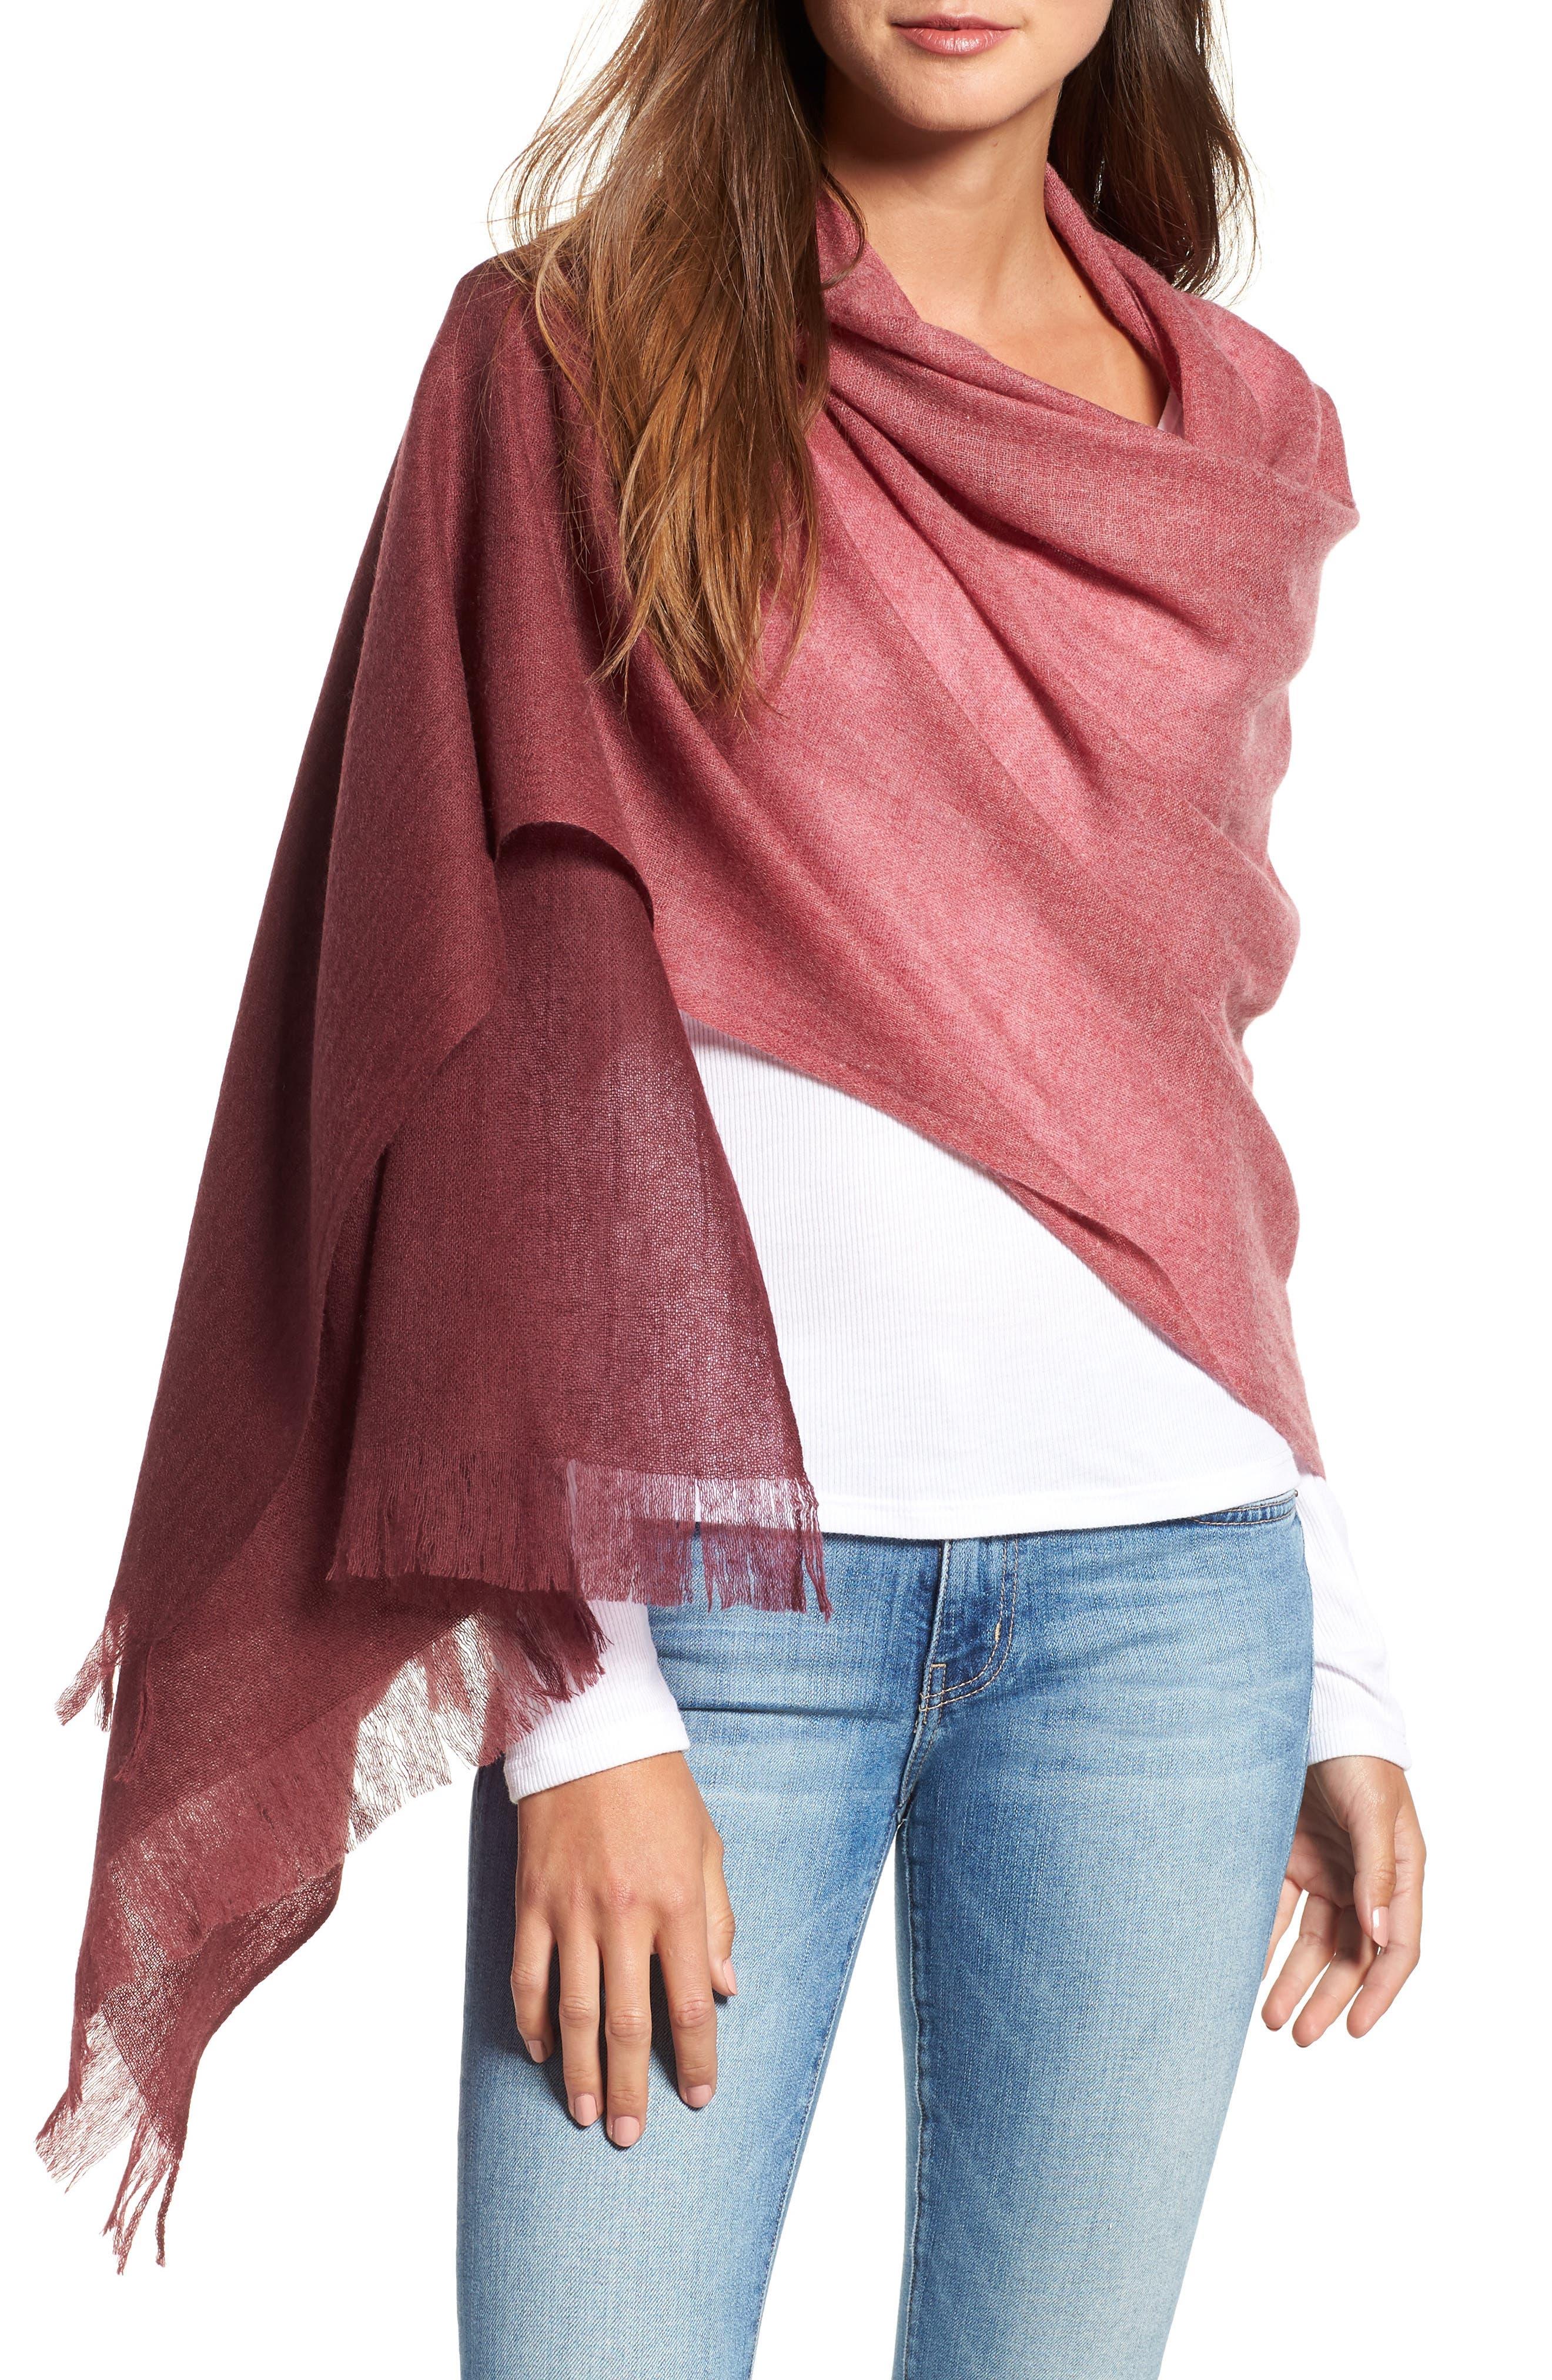 Caslon Dip Dye Cashmere Wrap,                             Main thumbnail 1, color,                             BURGUNDY COMBO